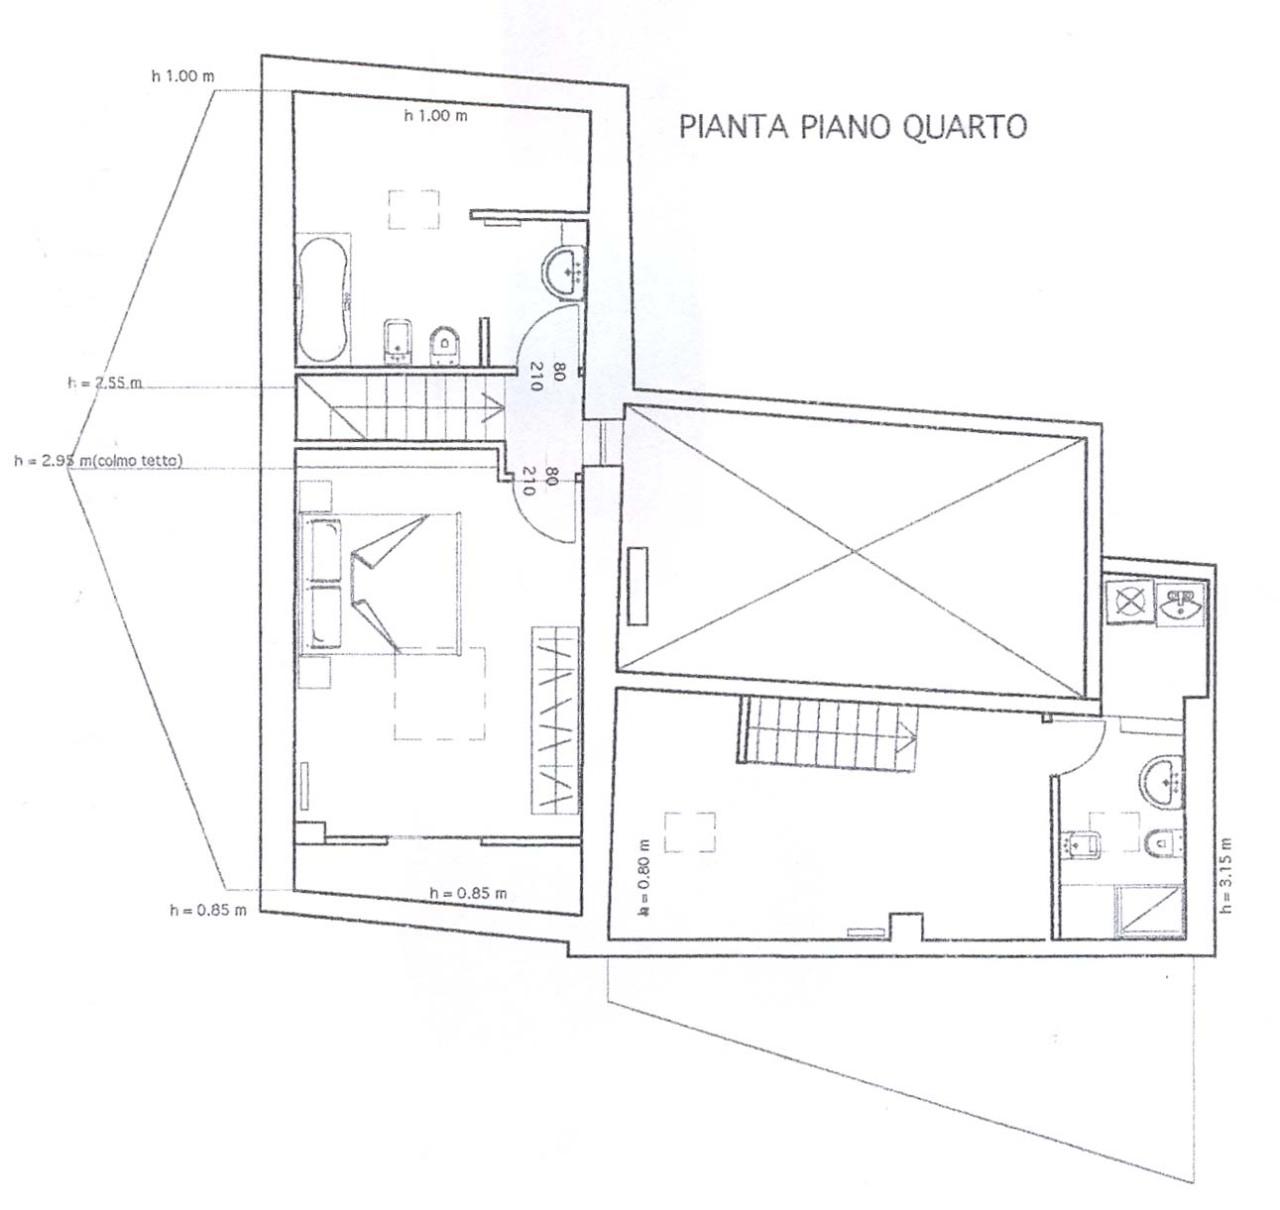 Appartamento in vendita a Ascoli Piceno, 9999 locali, zona Località: CentroStorico, prezzo € 210.000 | Cambio Casa.it